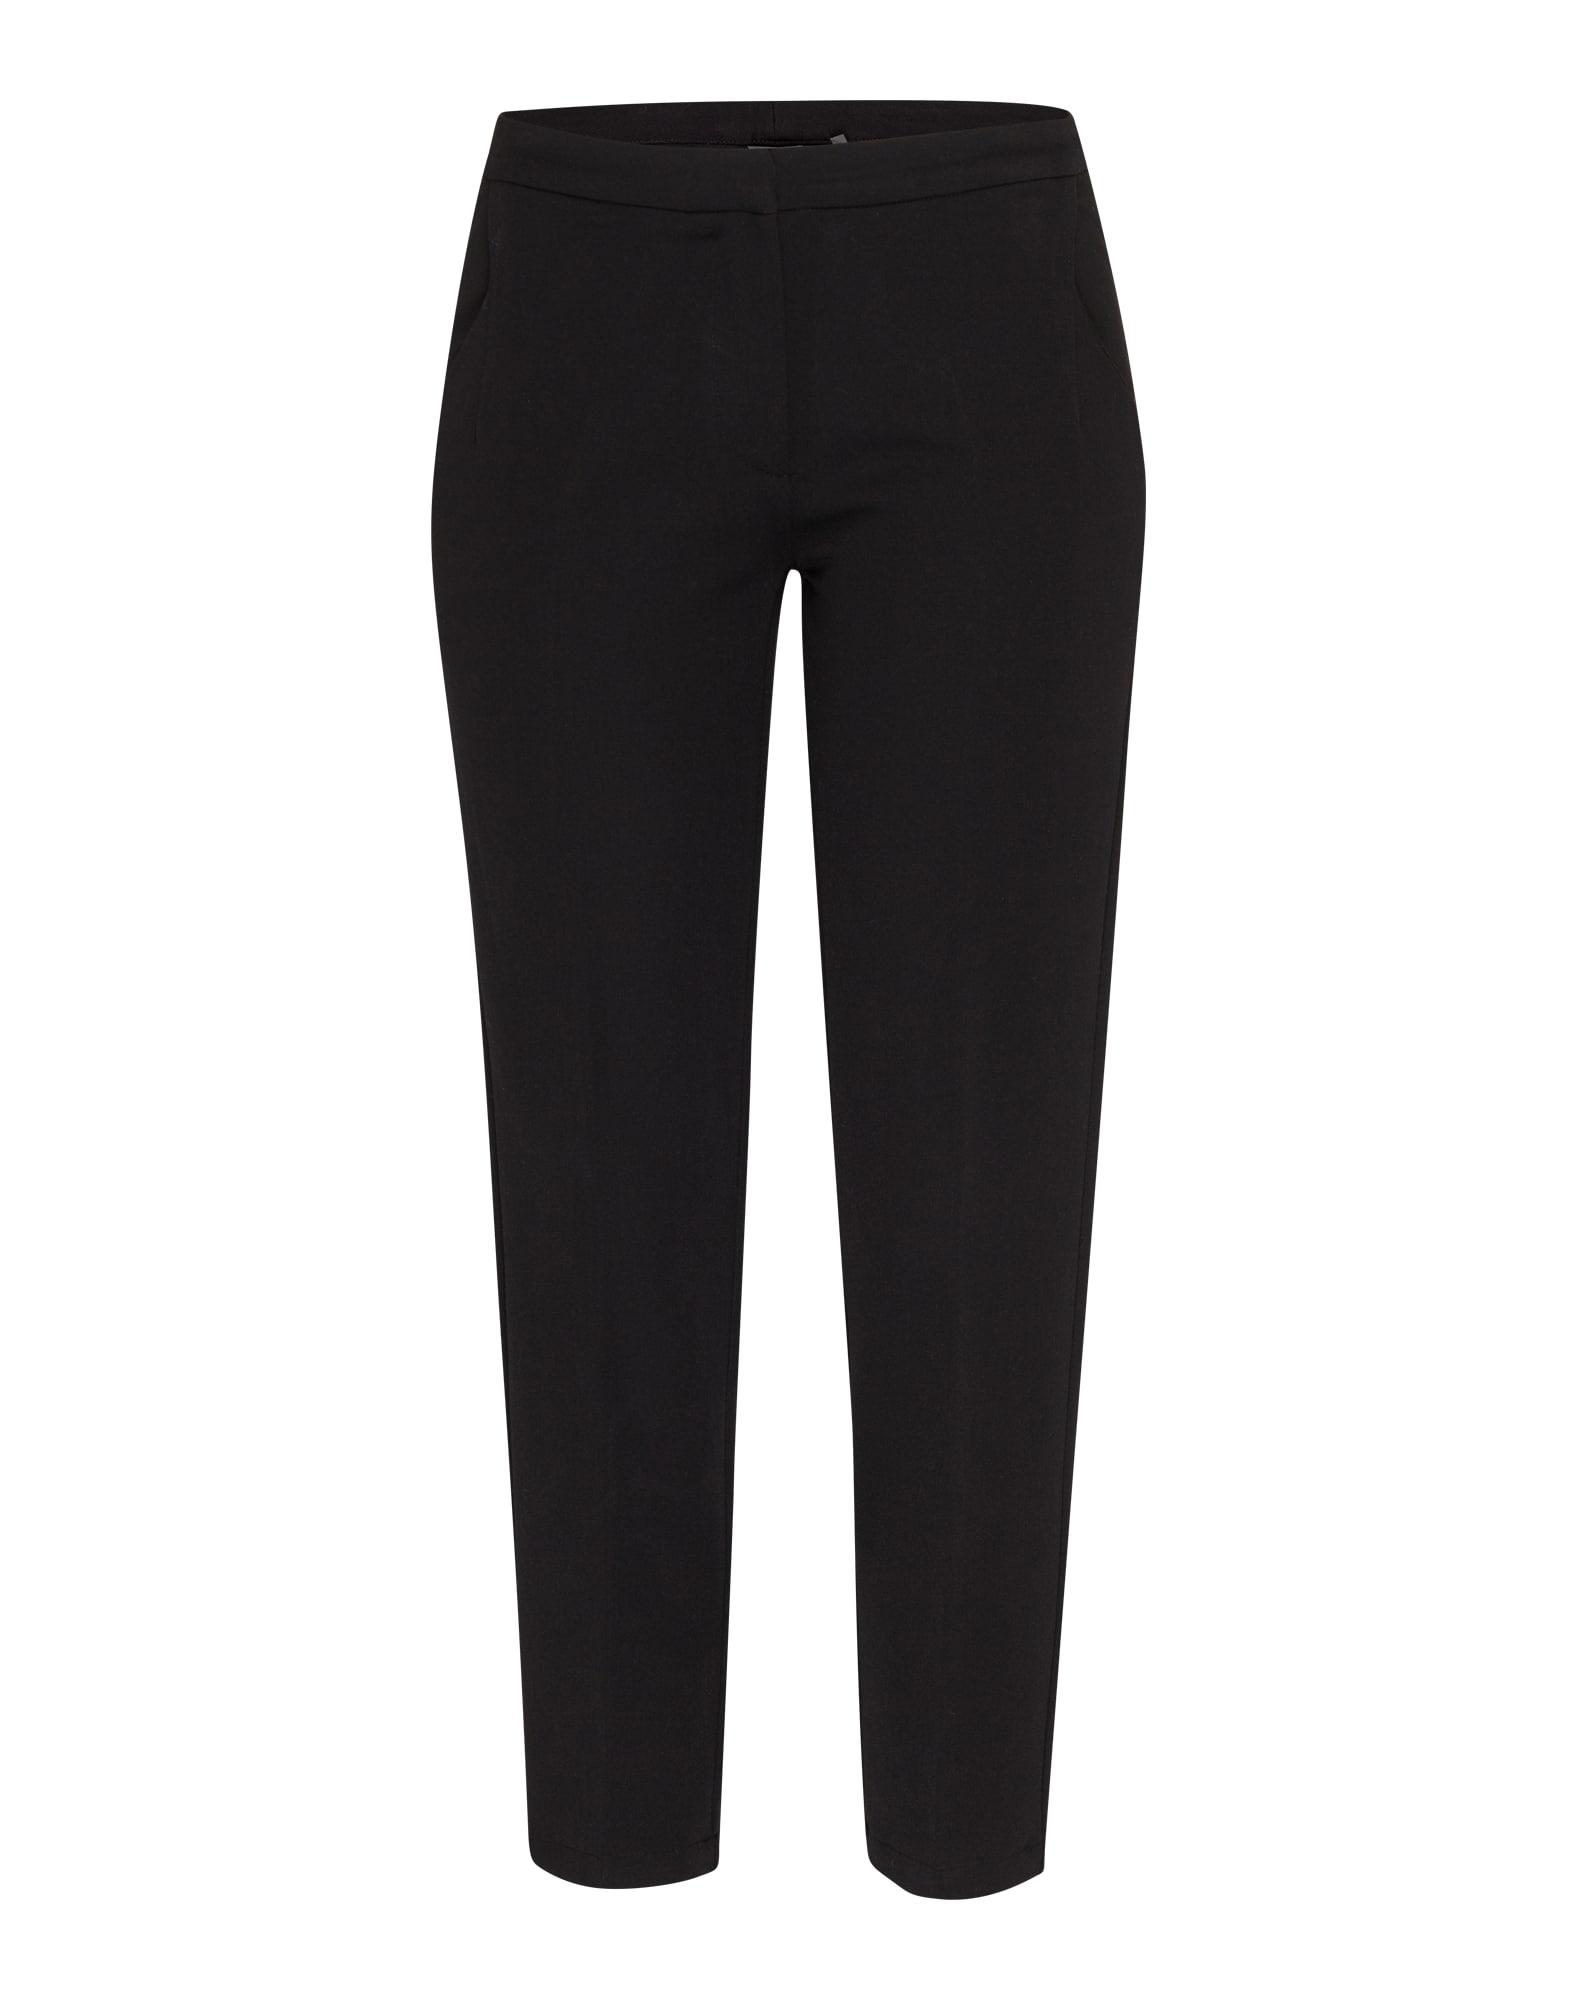 Tříčtvrteční kalhoty